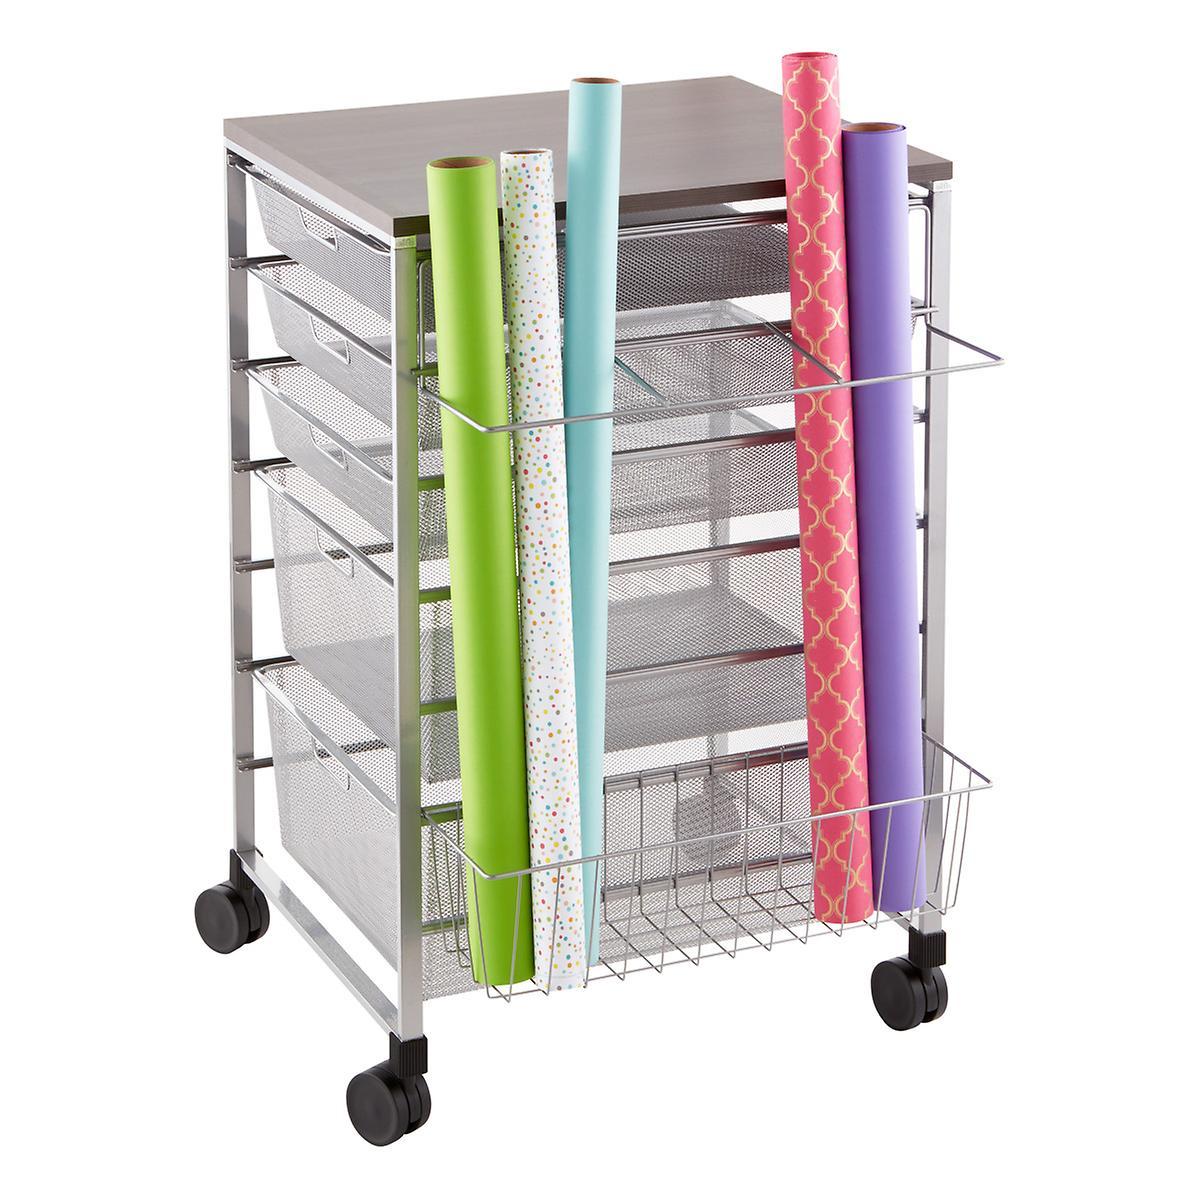 Platinum elfa Gift Wrap Organizer The Container Store